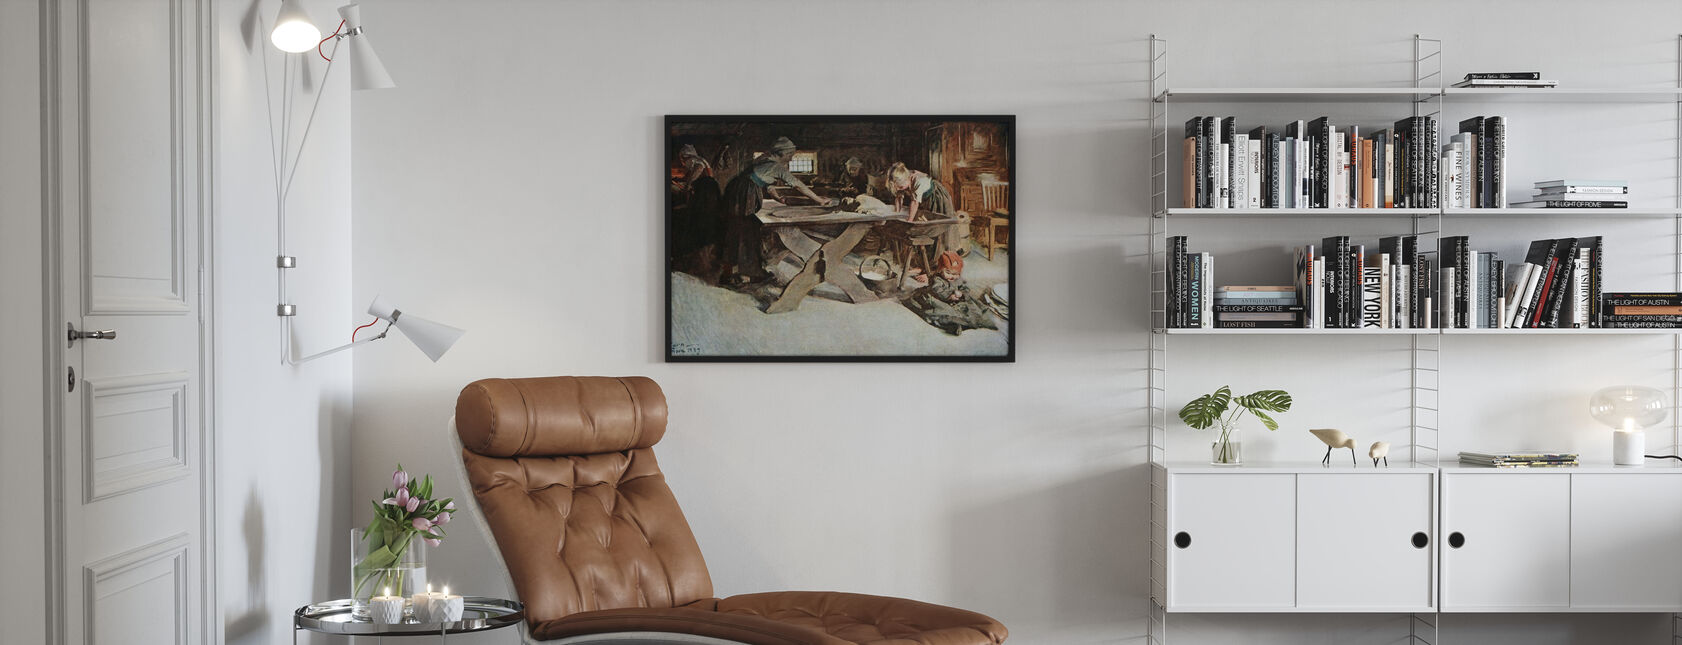 Anders Zorn - Bakningen - Poster - Living Room